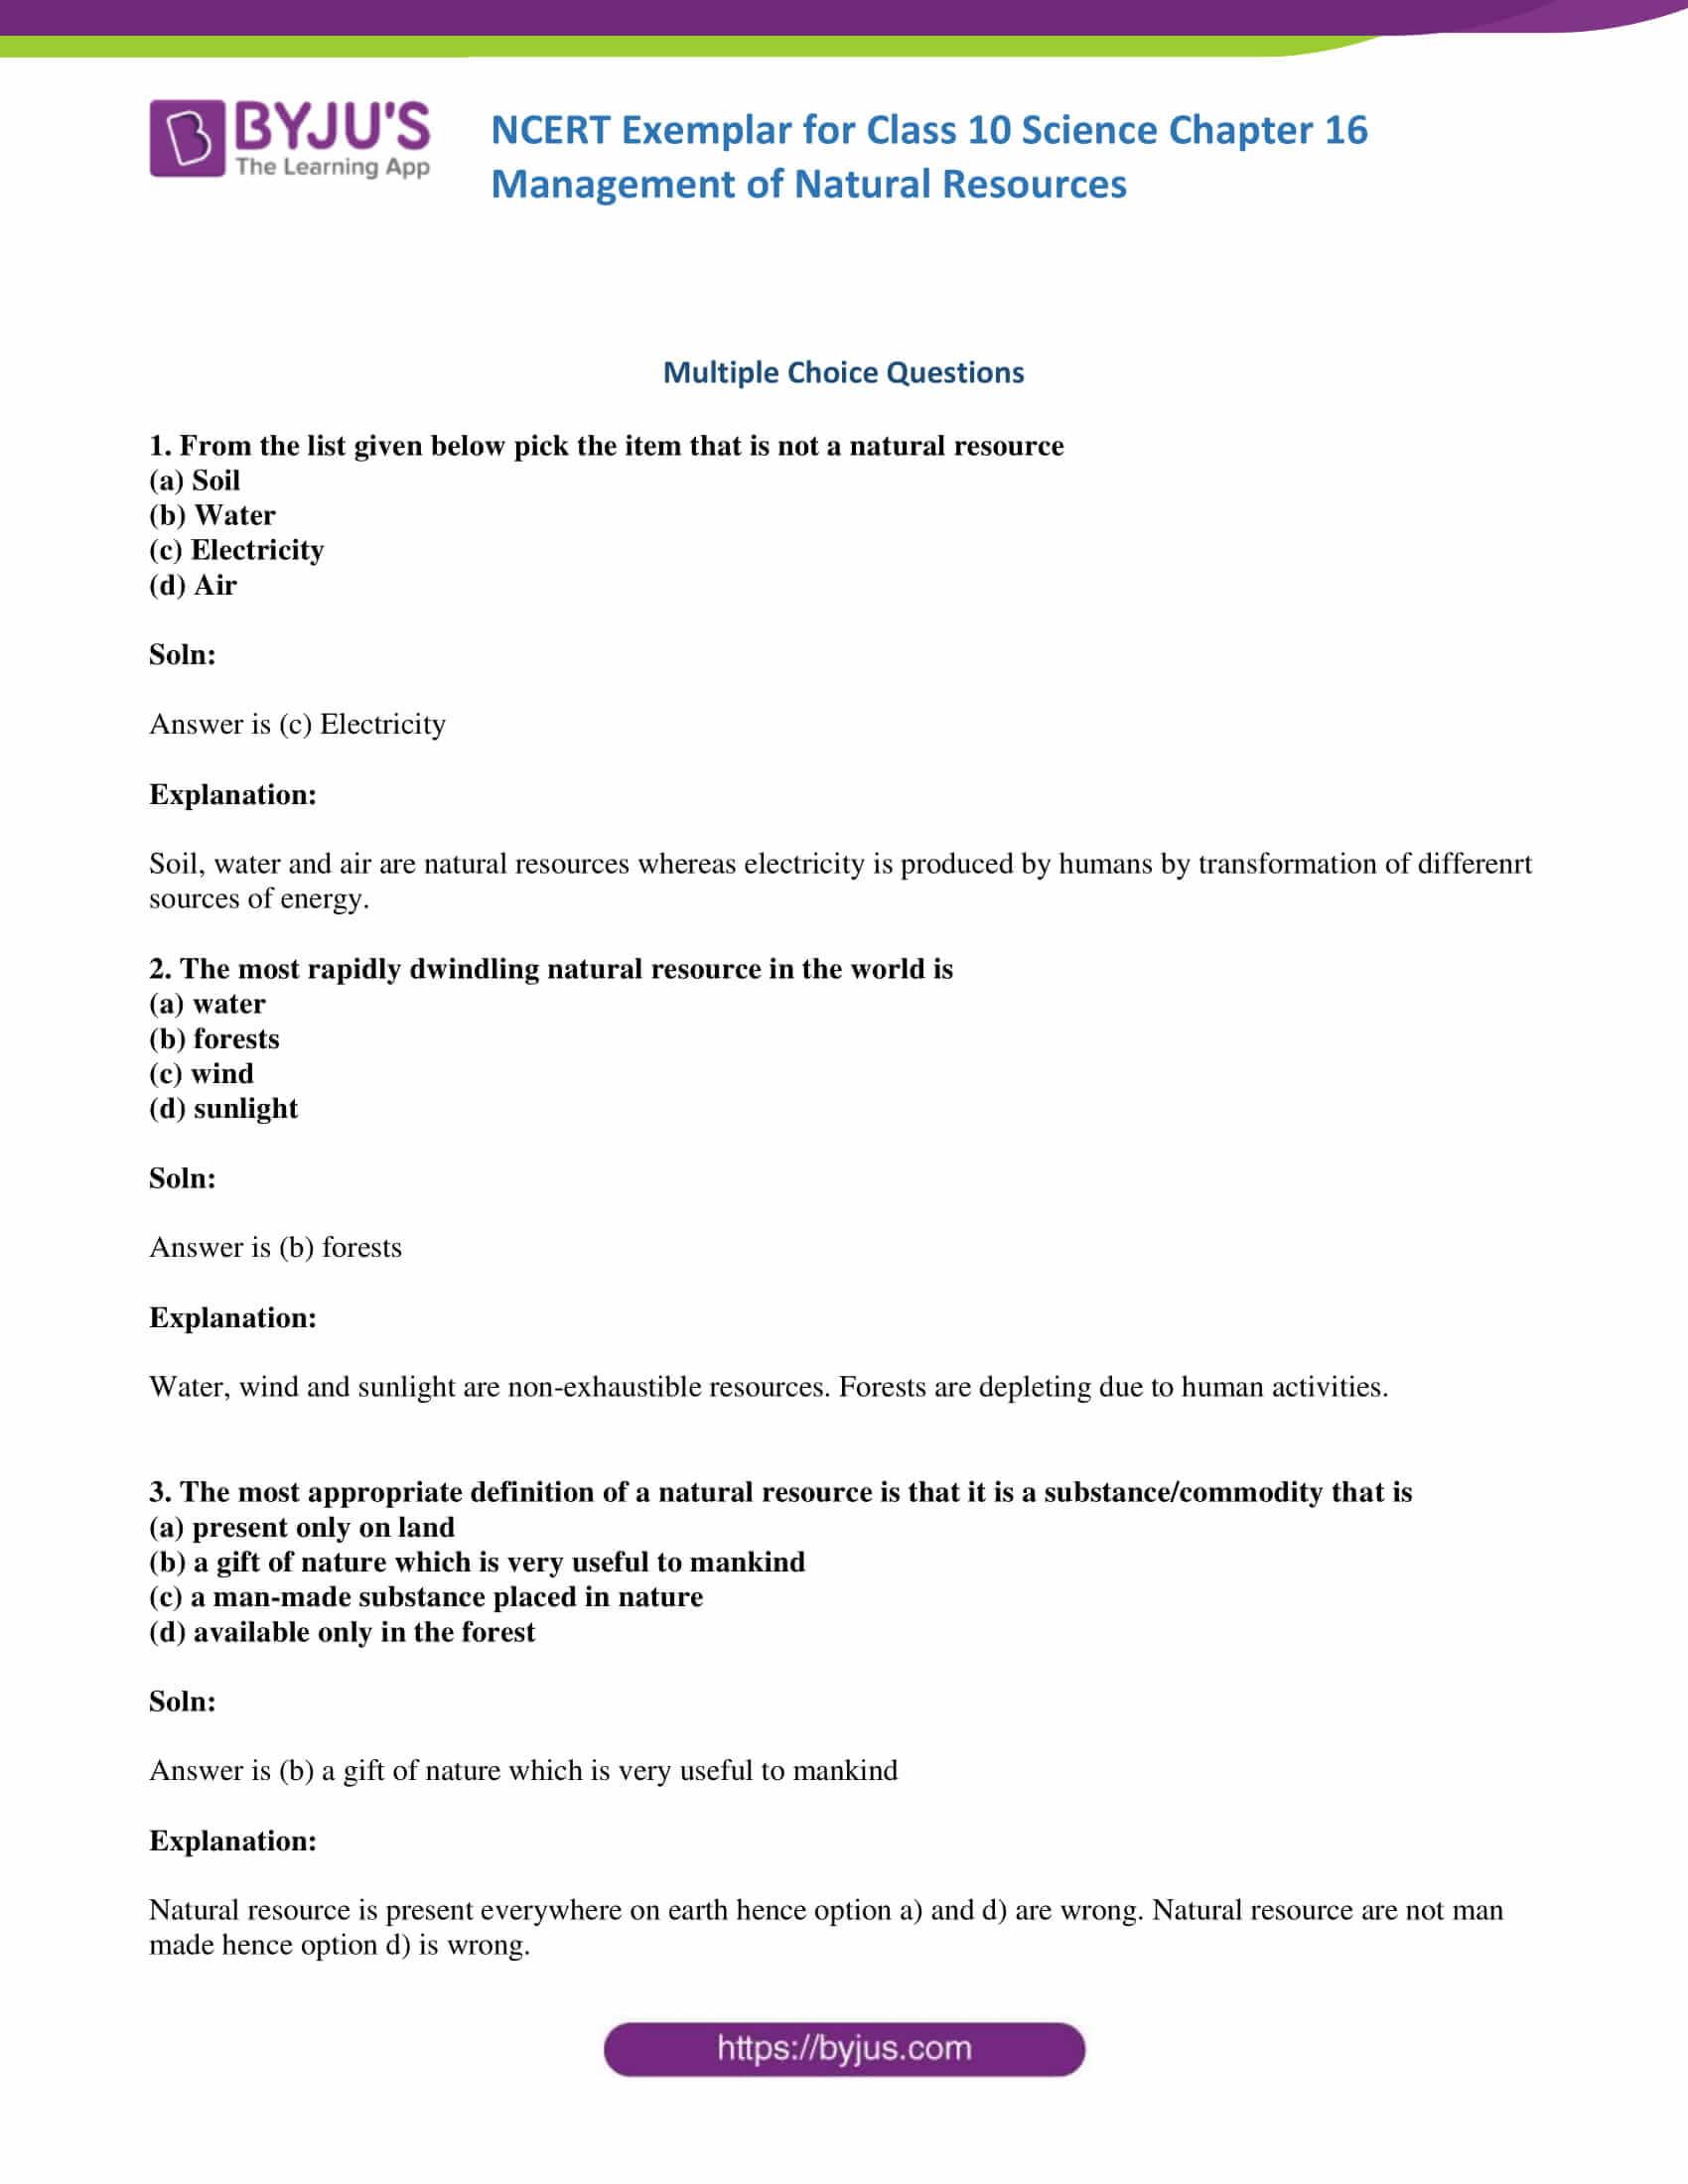 NCERT Exemplar solution class 10 Science Chapter 16 part 01